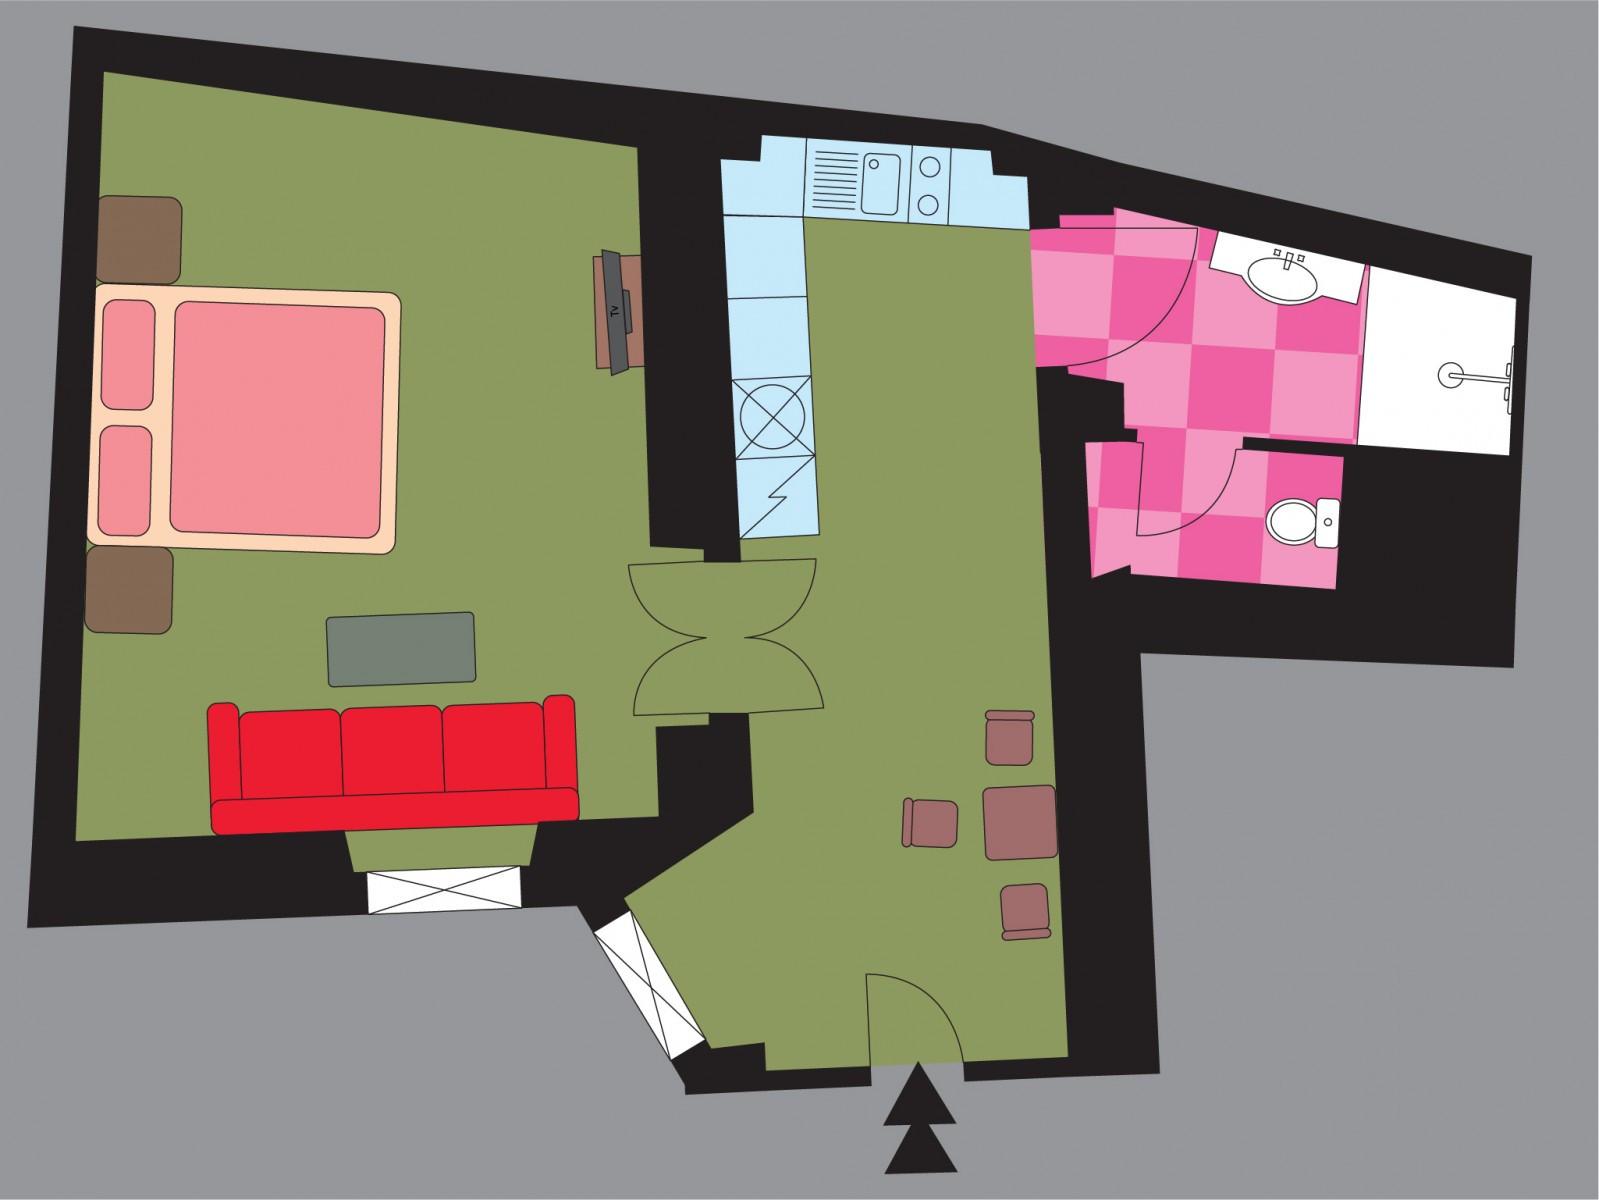 Апартамент Dahlia, план